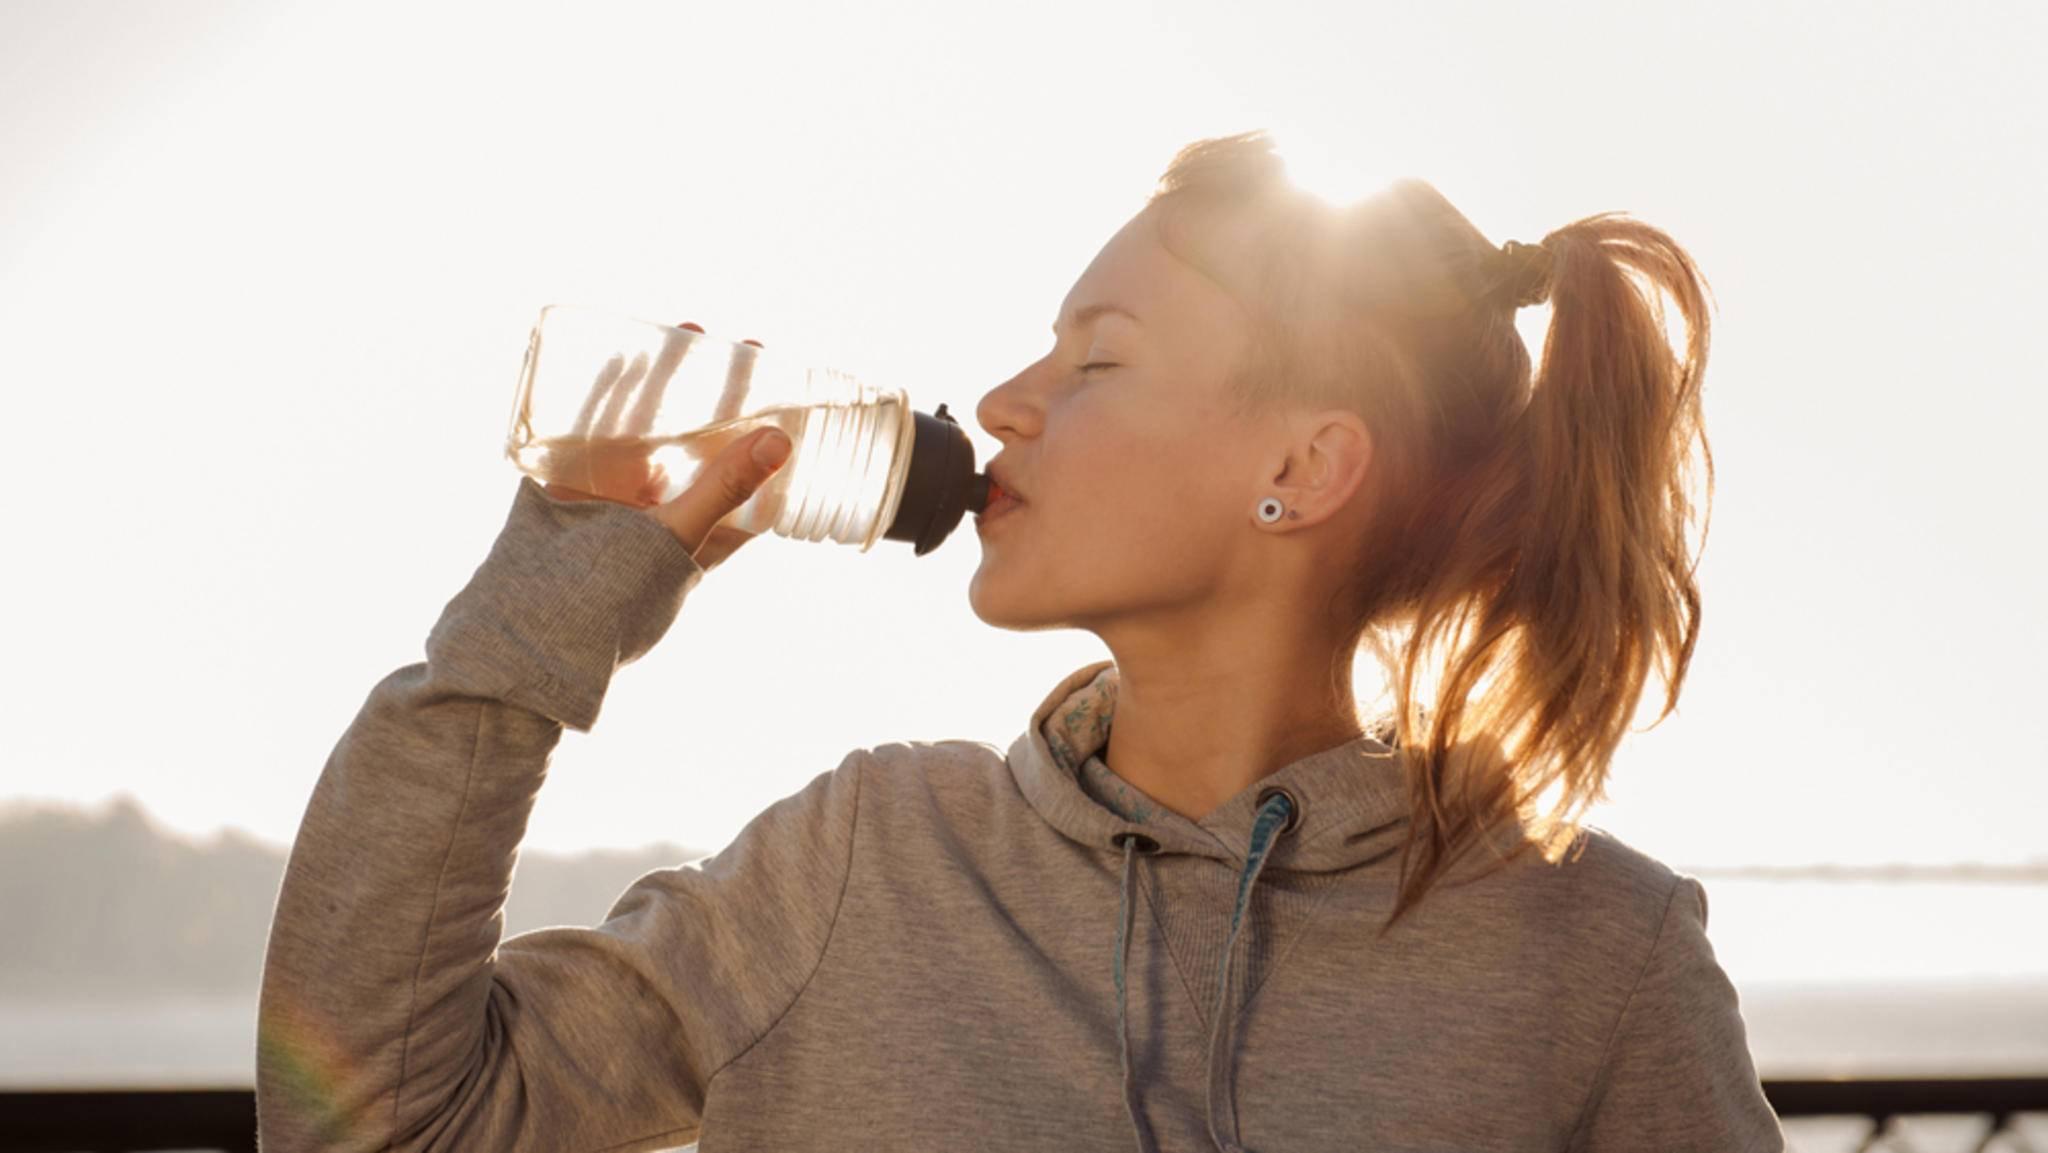 Das Lebenselixier Wasser hält den Körper am Laufen.